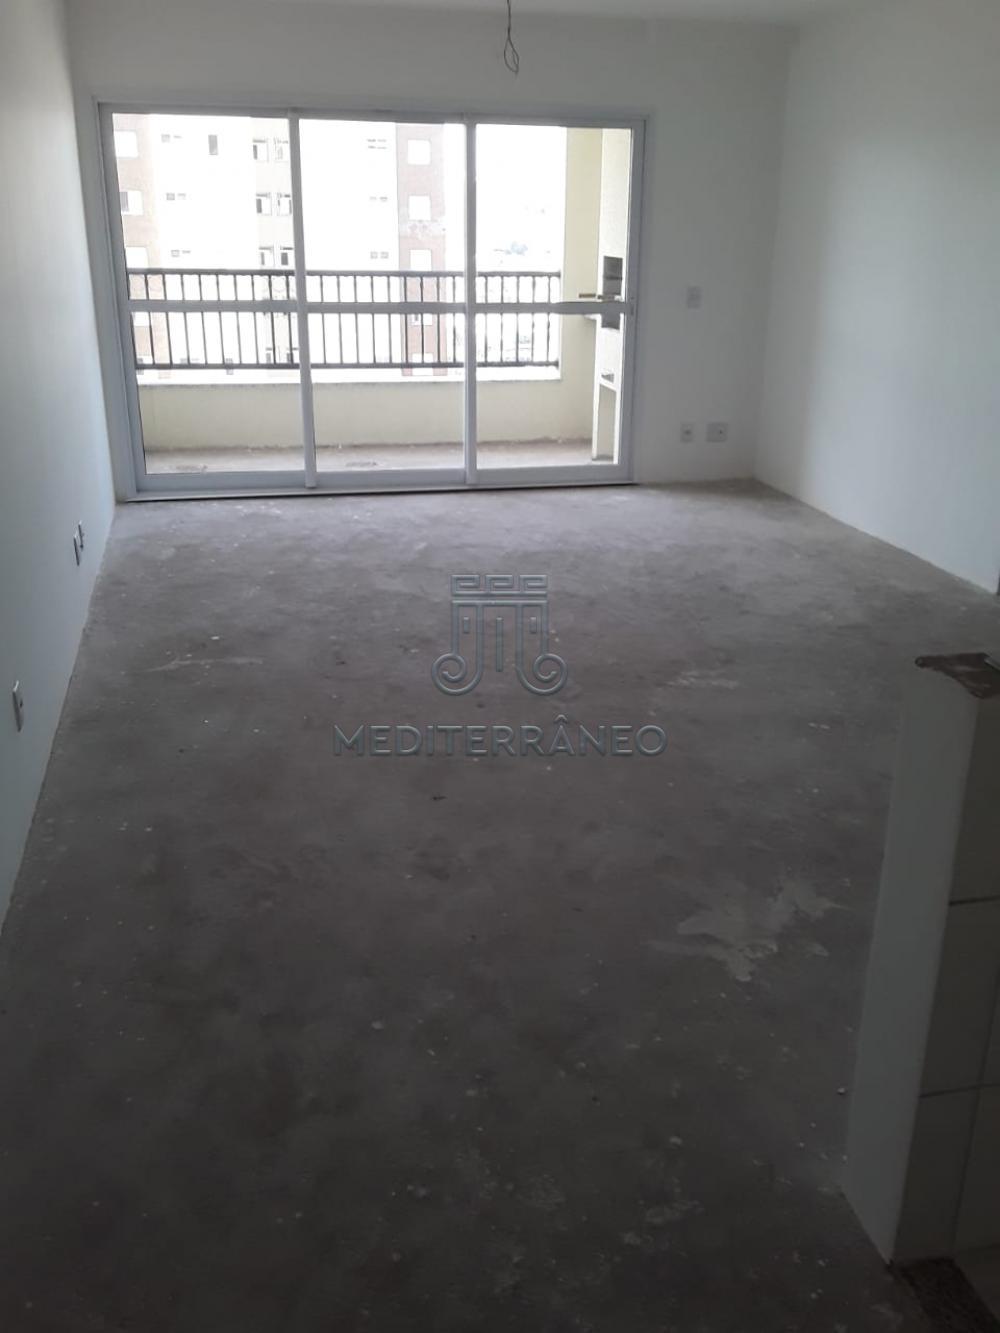 Comprar Apartamento / Padrão em Jundiaí apenas R$ 700.000,00 - Foto 1